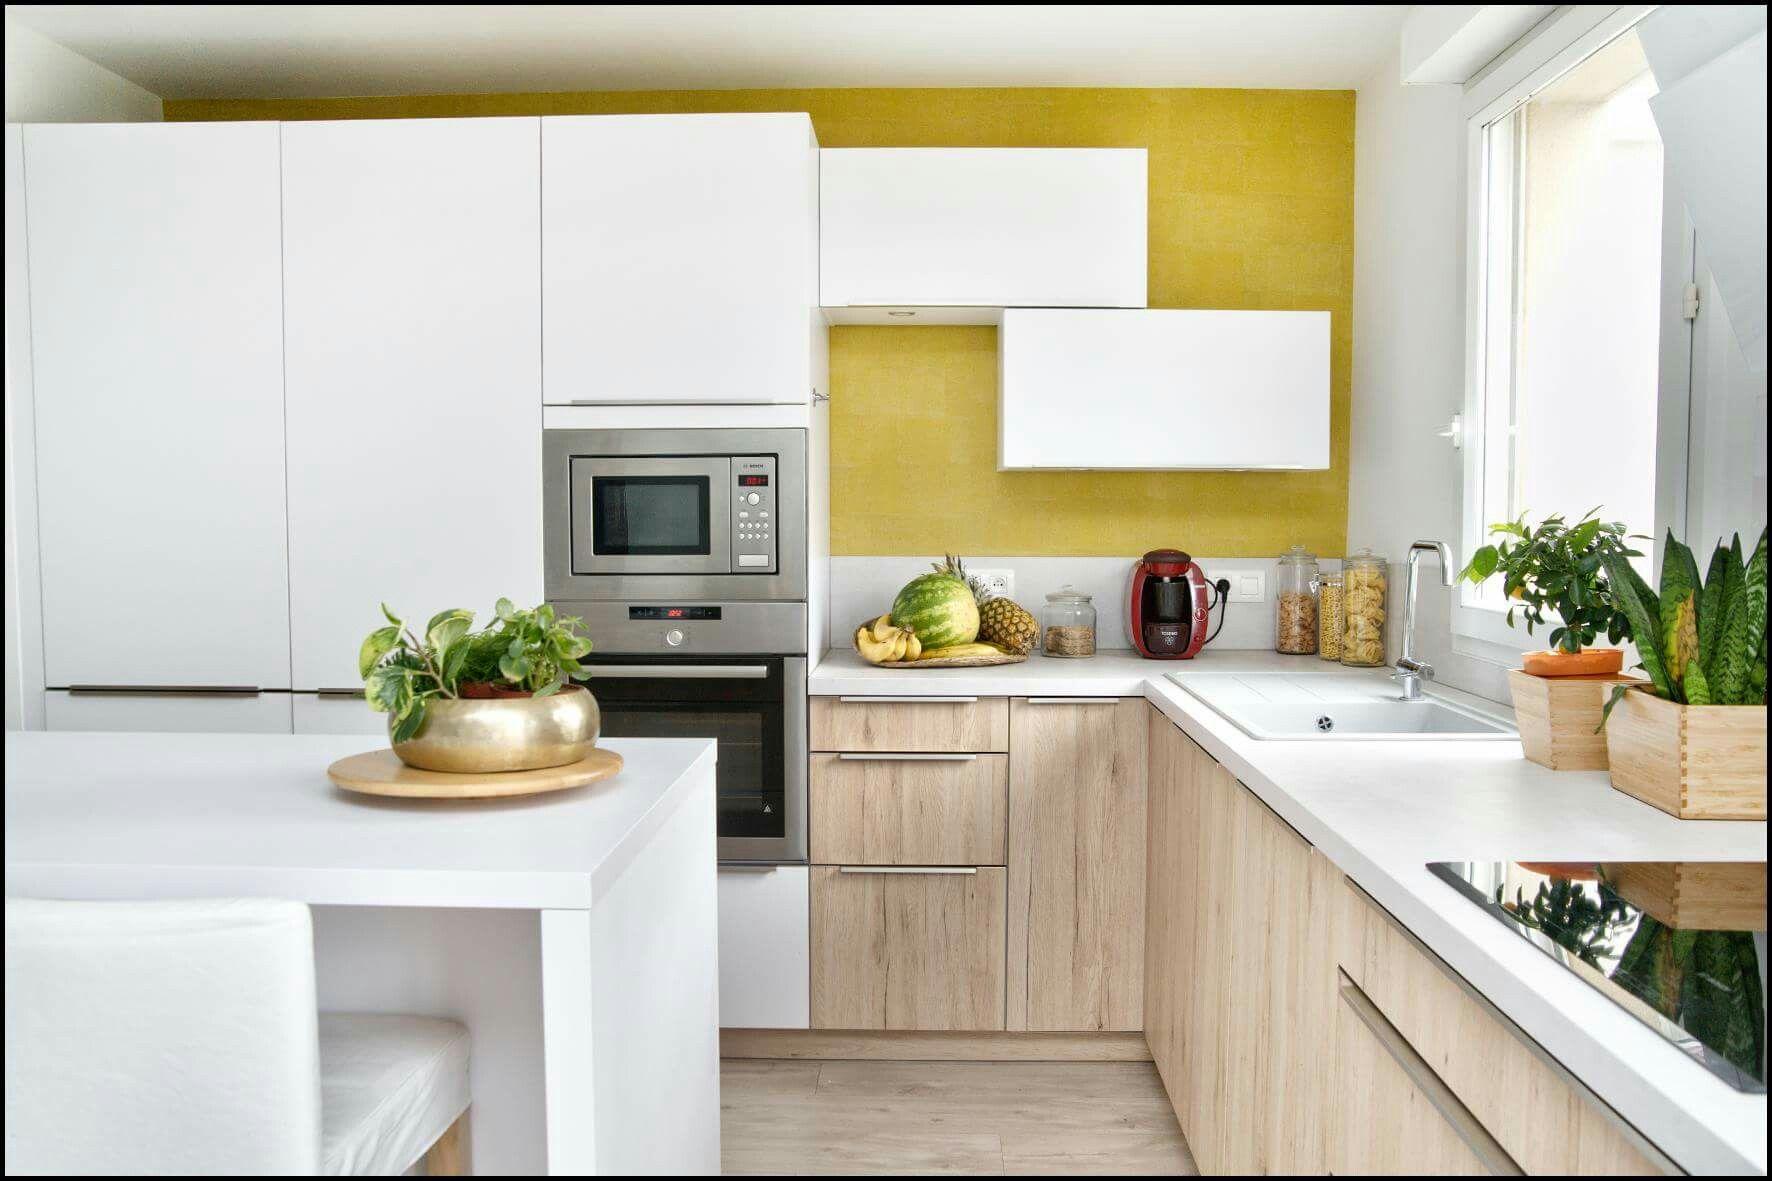 Agencement & decoration cuisine - bois, blanc, beton gris, papier